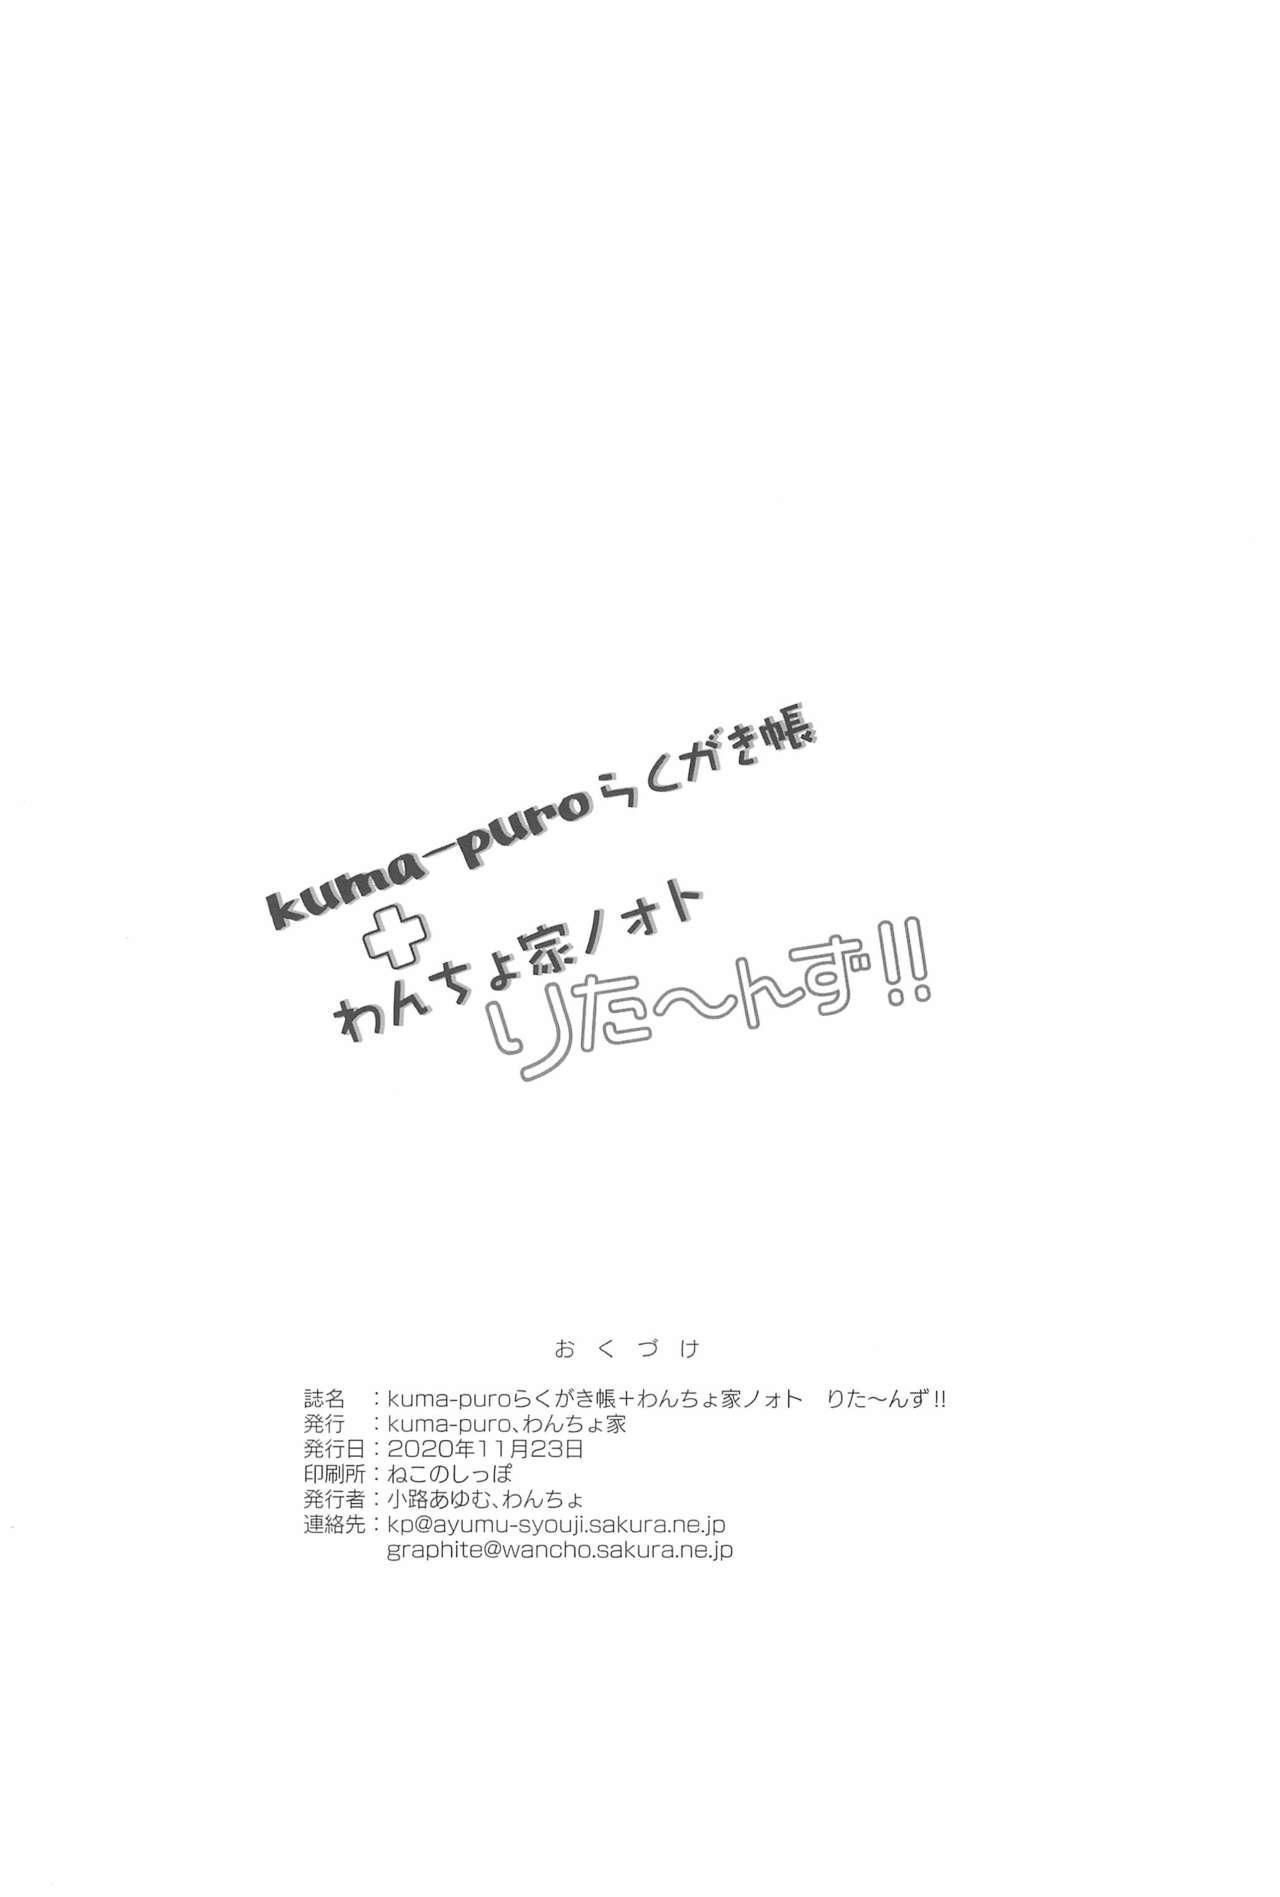 (COMITIA134) [kuma-puro, Wancho-ke (Shouji Ayumu, Wancho)] kuma-puro Rakugakichou + Wancho-ke Note Returns!! 11